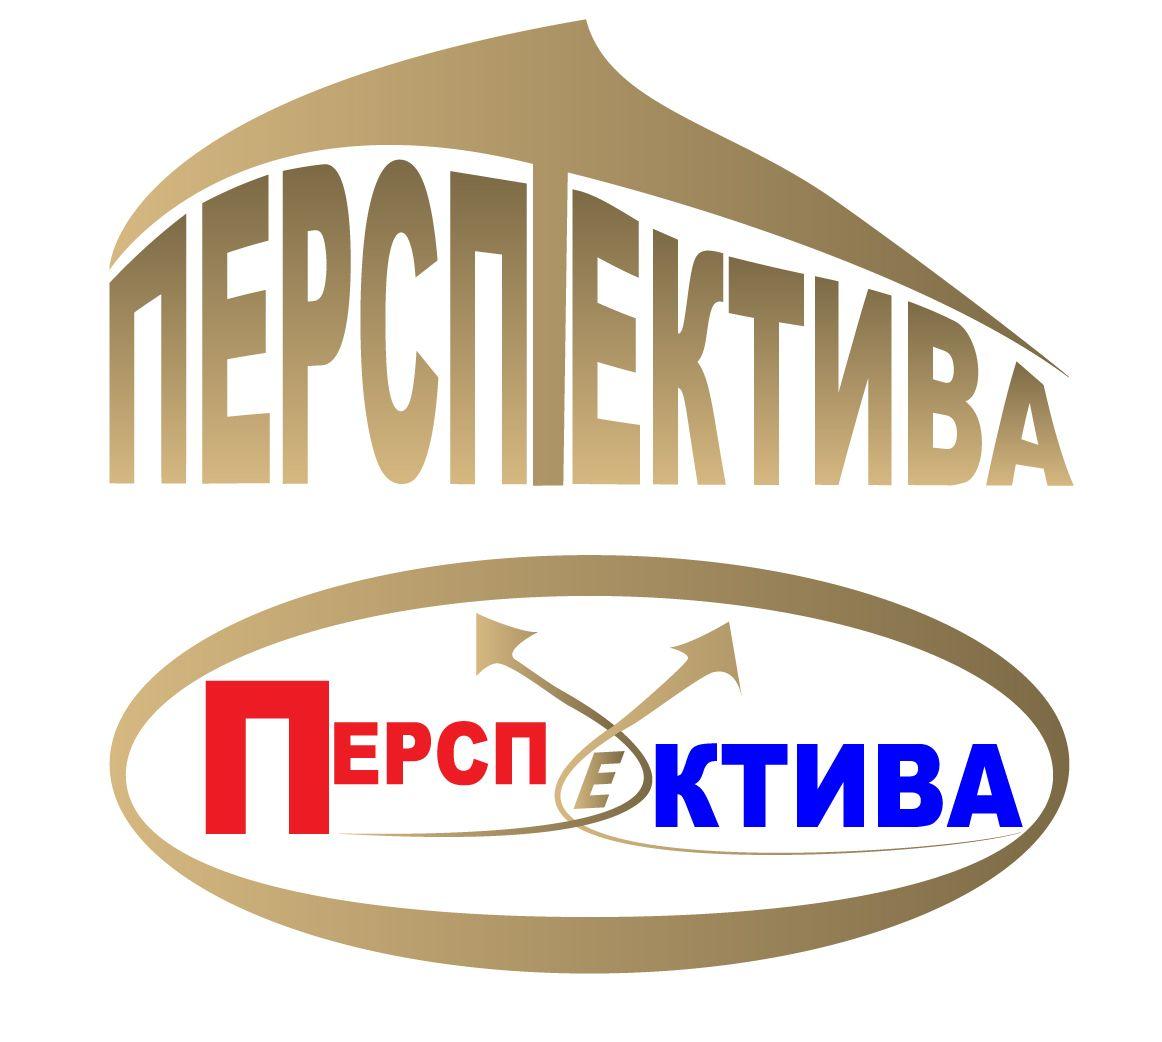 Логотип для компании  - дизайнер Valentin1982